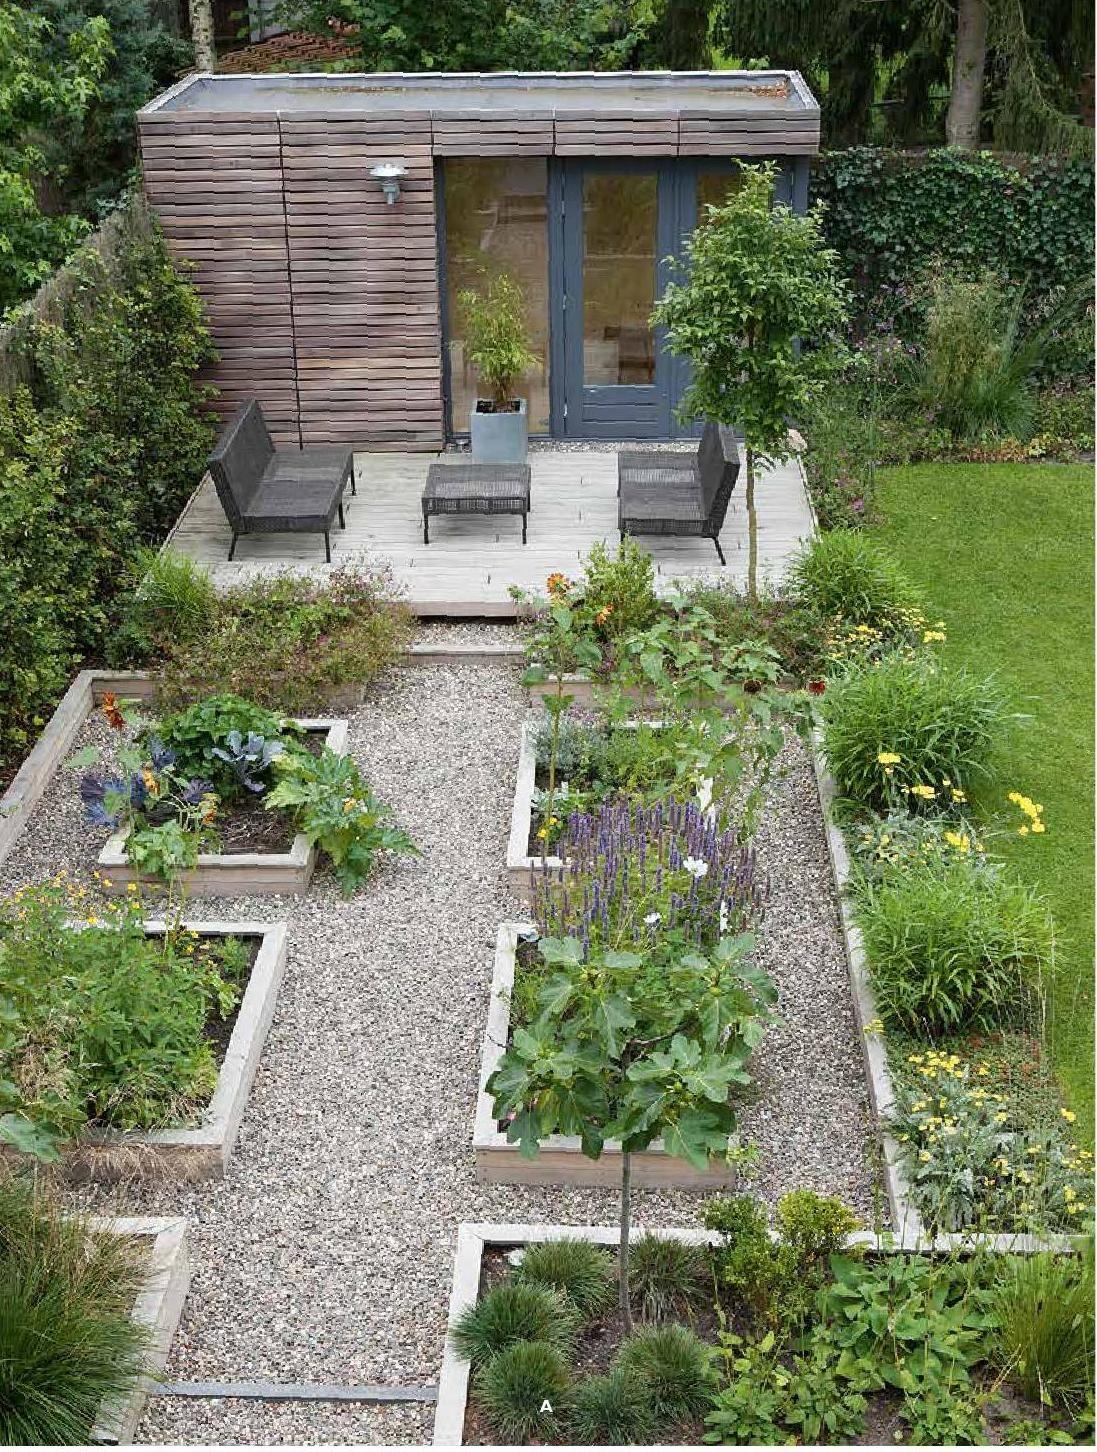 Wegner lorey gartengestaltung mit hochbeet garden - Gartengestaltung schrebergarten ...